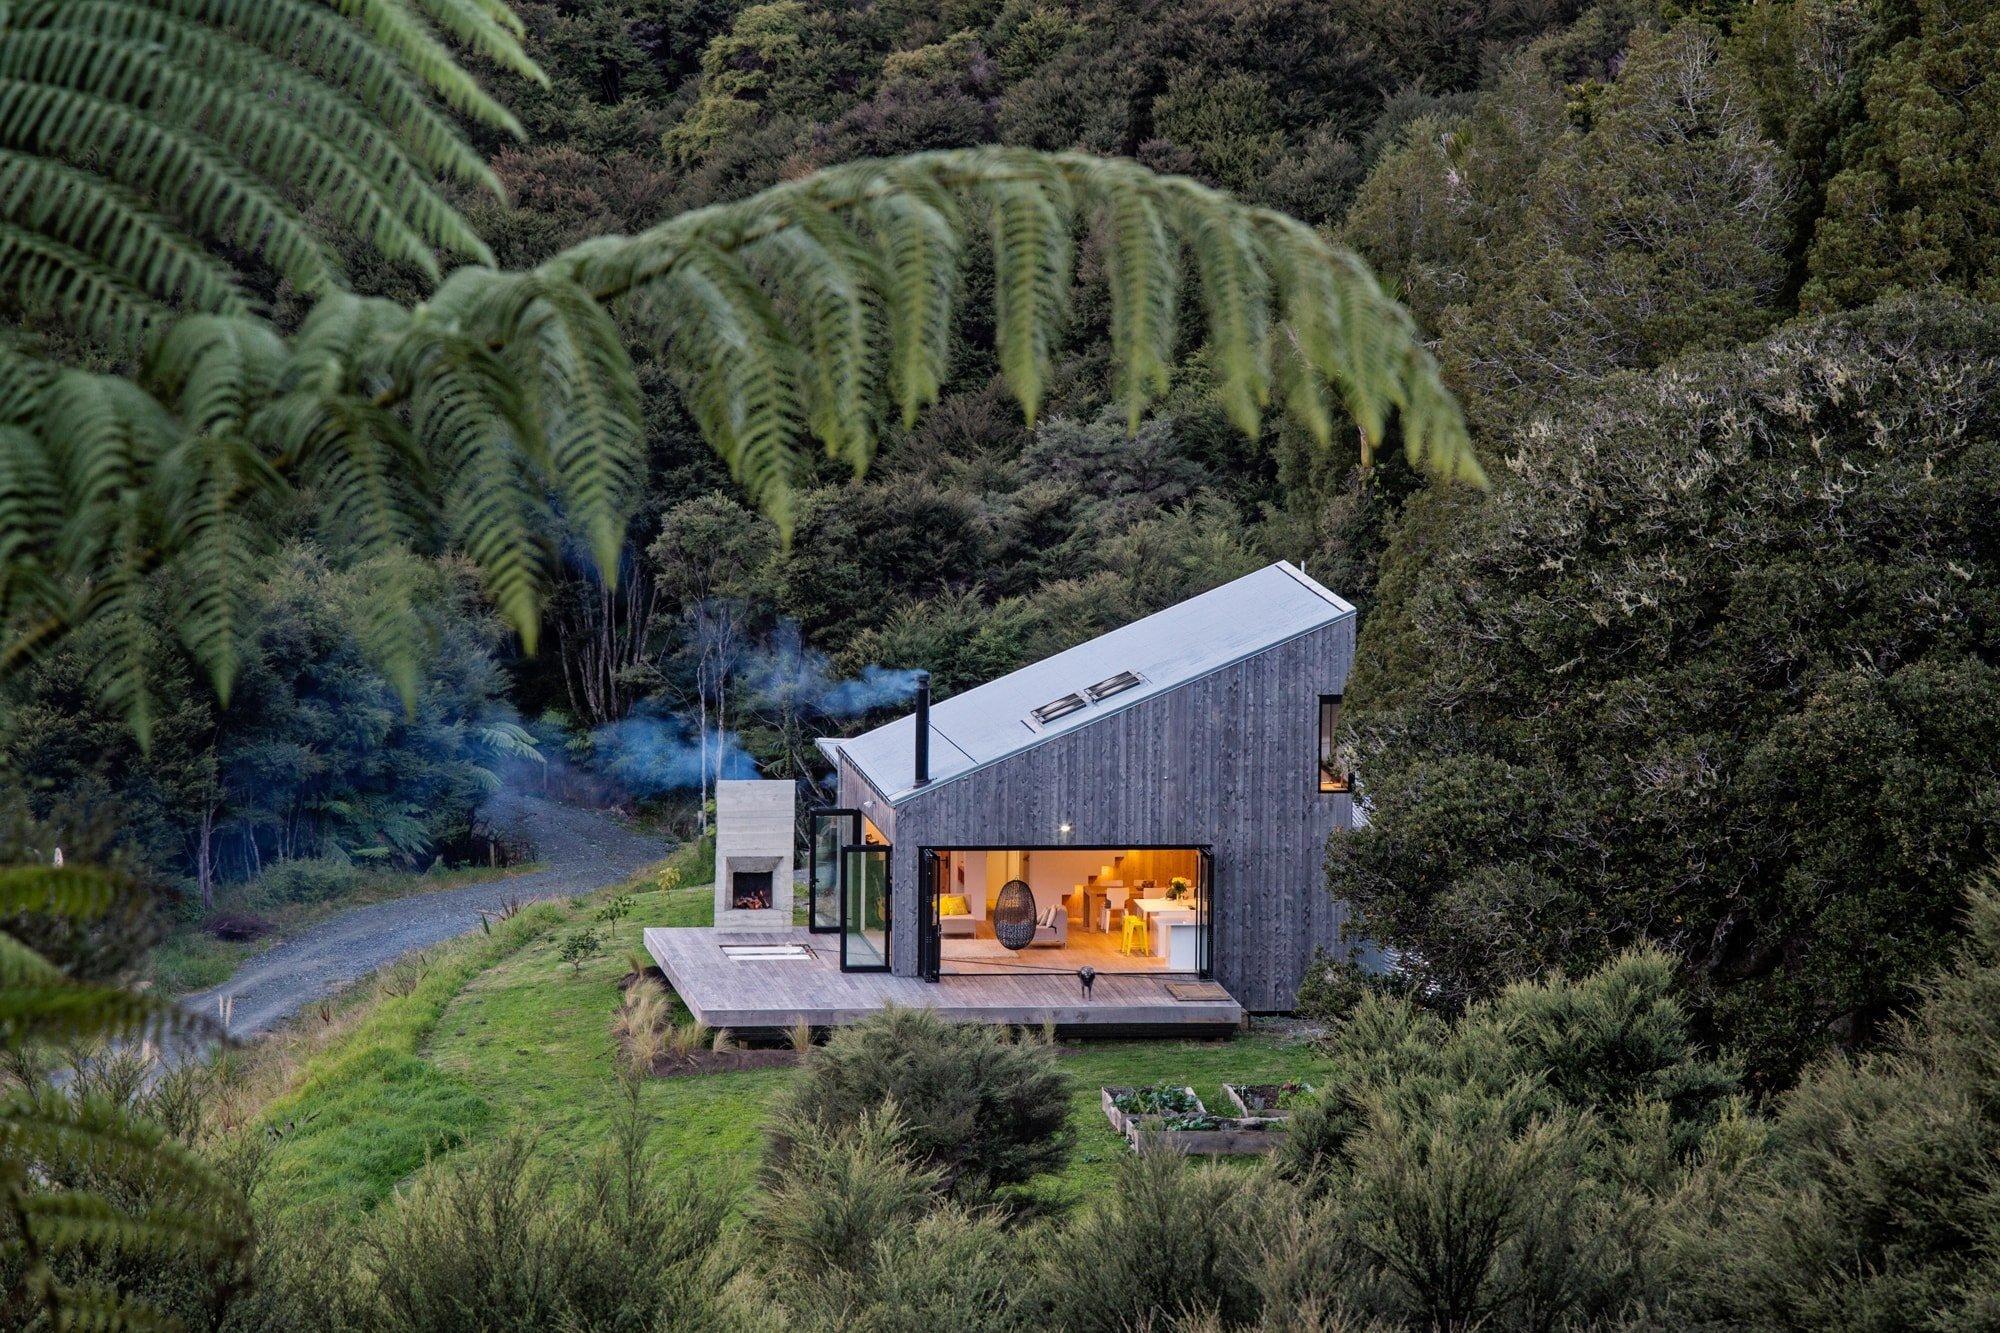 David Maurice navrhl prázdninový domov pro svou rodinu. Na první pohled malý dům stojí v Puhiu, na venkově, na Novém Zélandu. Je postaven v mírném svahu a je obklopen divokou přírodou, zalesněnými kopci a dává rodině možnost uniknout každodennímu městskému životu.